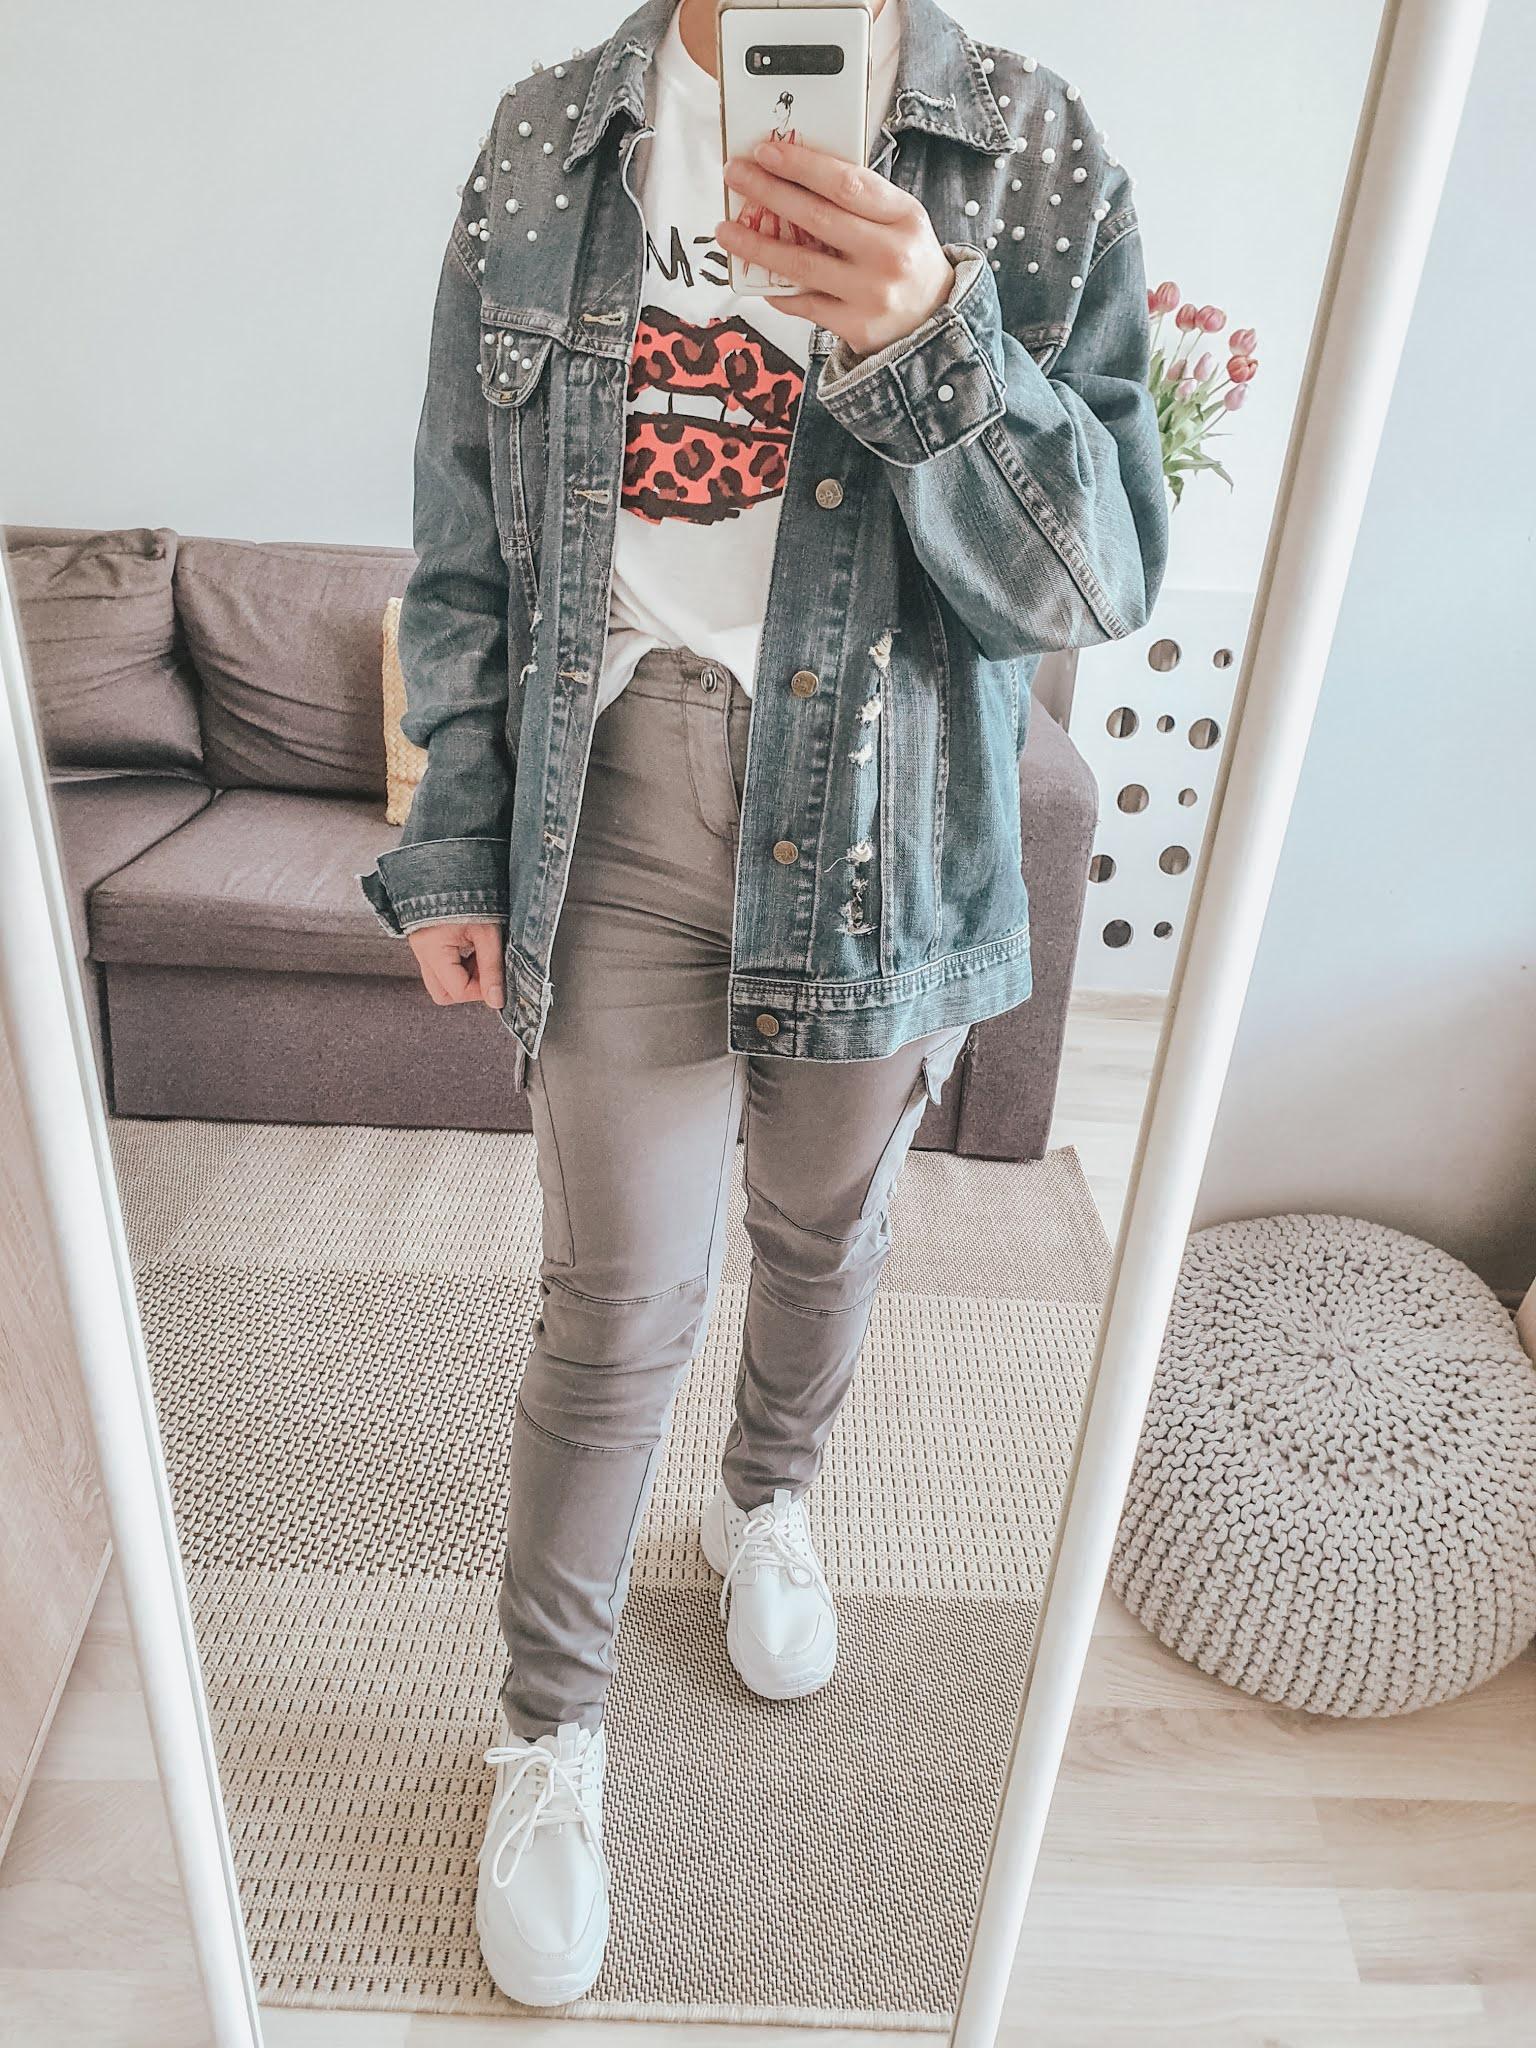 Do tej stylizacji wybrałam spodnie w typie bojówek z kieszeniami po bokach, połączyłam je z adidasami na platformie oraz t-shirtem z nadrukiem ust. Ostatnio bardzo mi się podobają takie koszulki z nadrukami i staram się uzupełniać swoją kolekcję o takie modele. Stylizacja zdecydowanie na luzie.